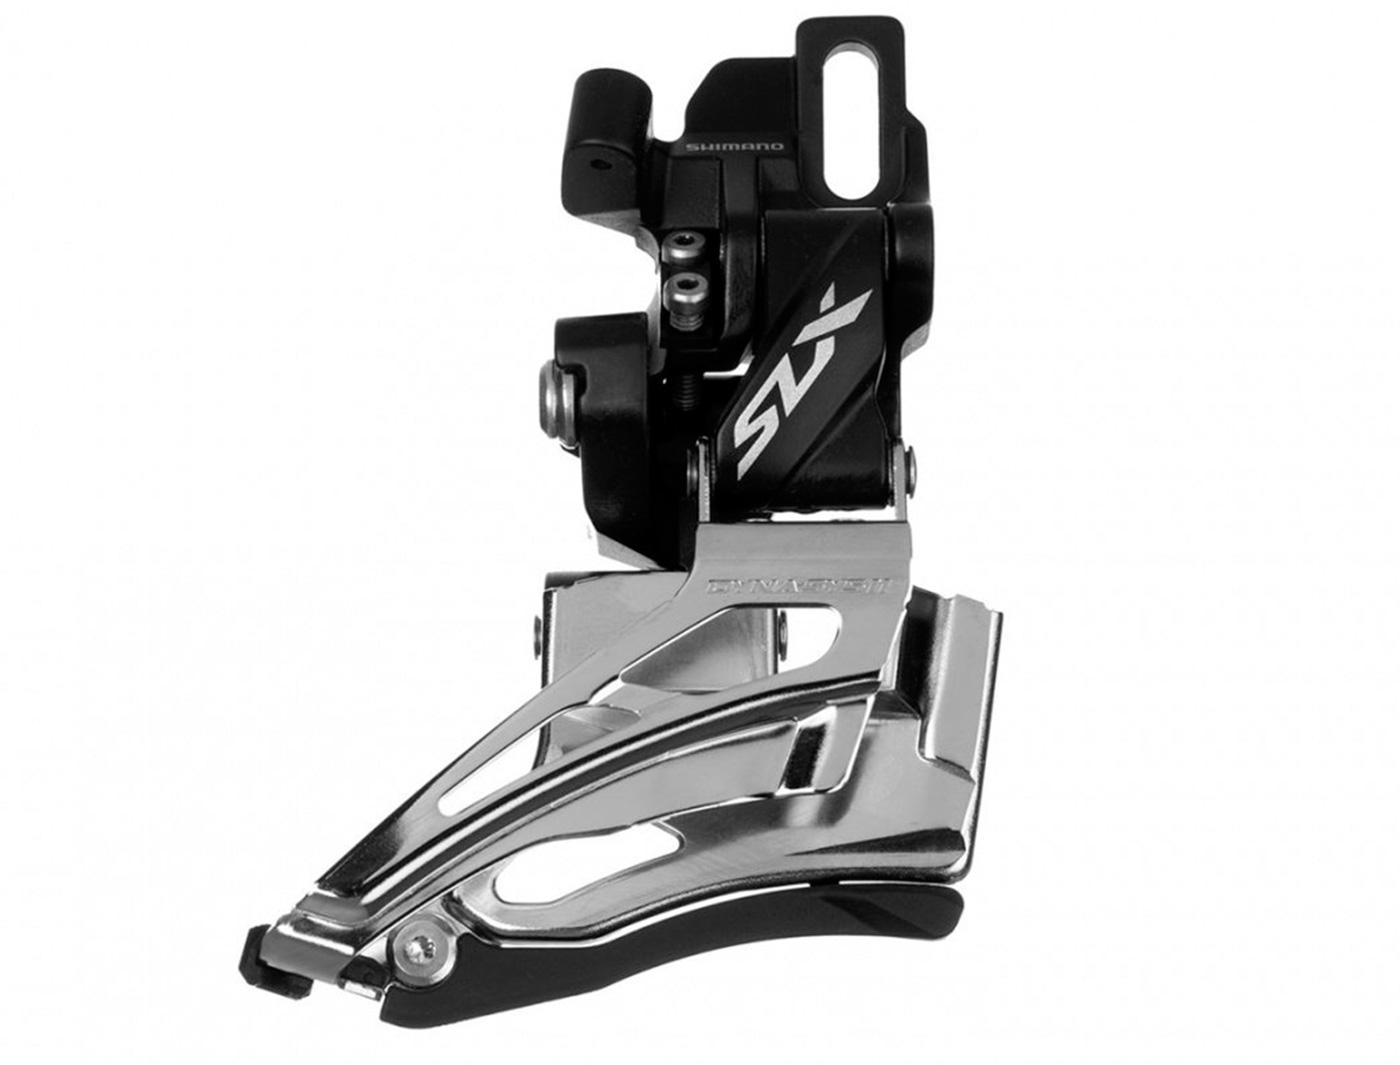 Перек-ль передний Shimano SLX, M7025-D, direct mount, down-swing, для 2X11, универс. тяга